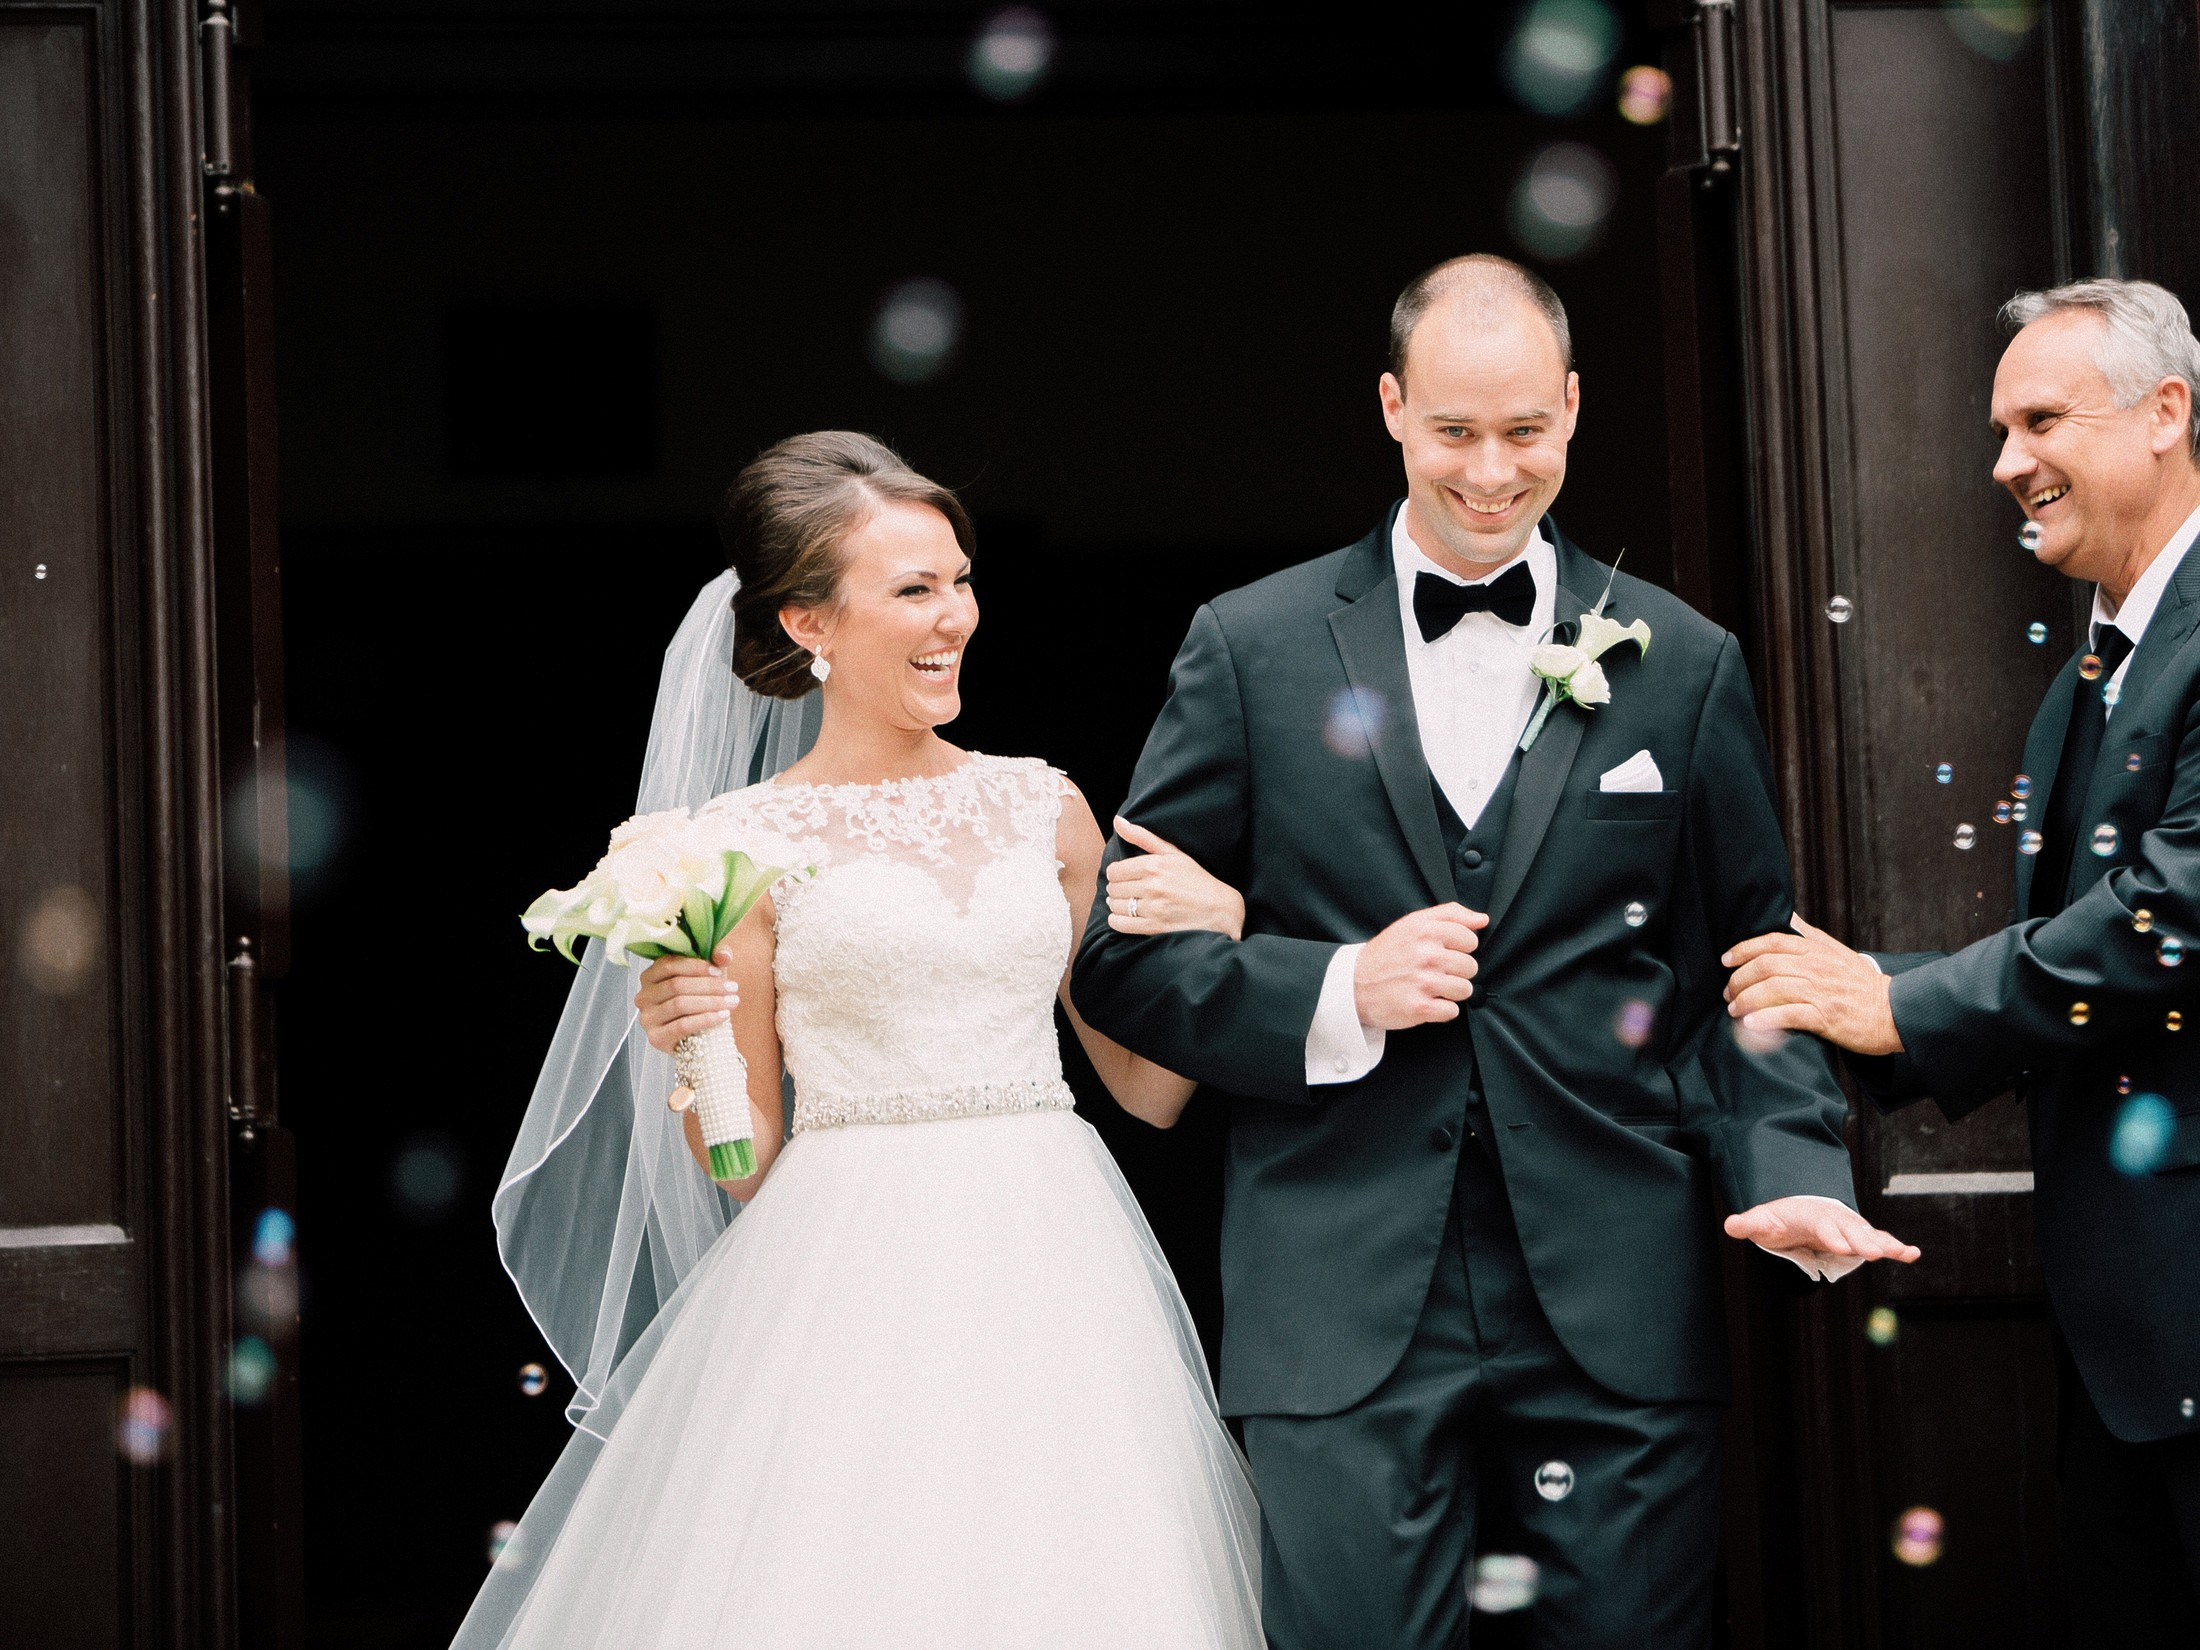 detroit_wedding_blaine_siesser_0026_std.jpg